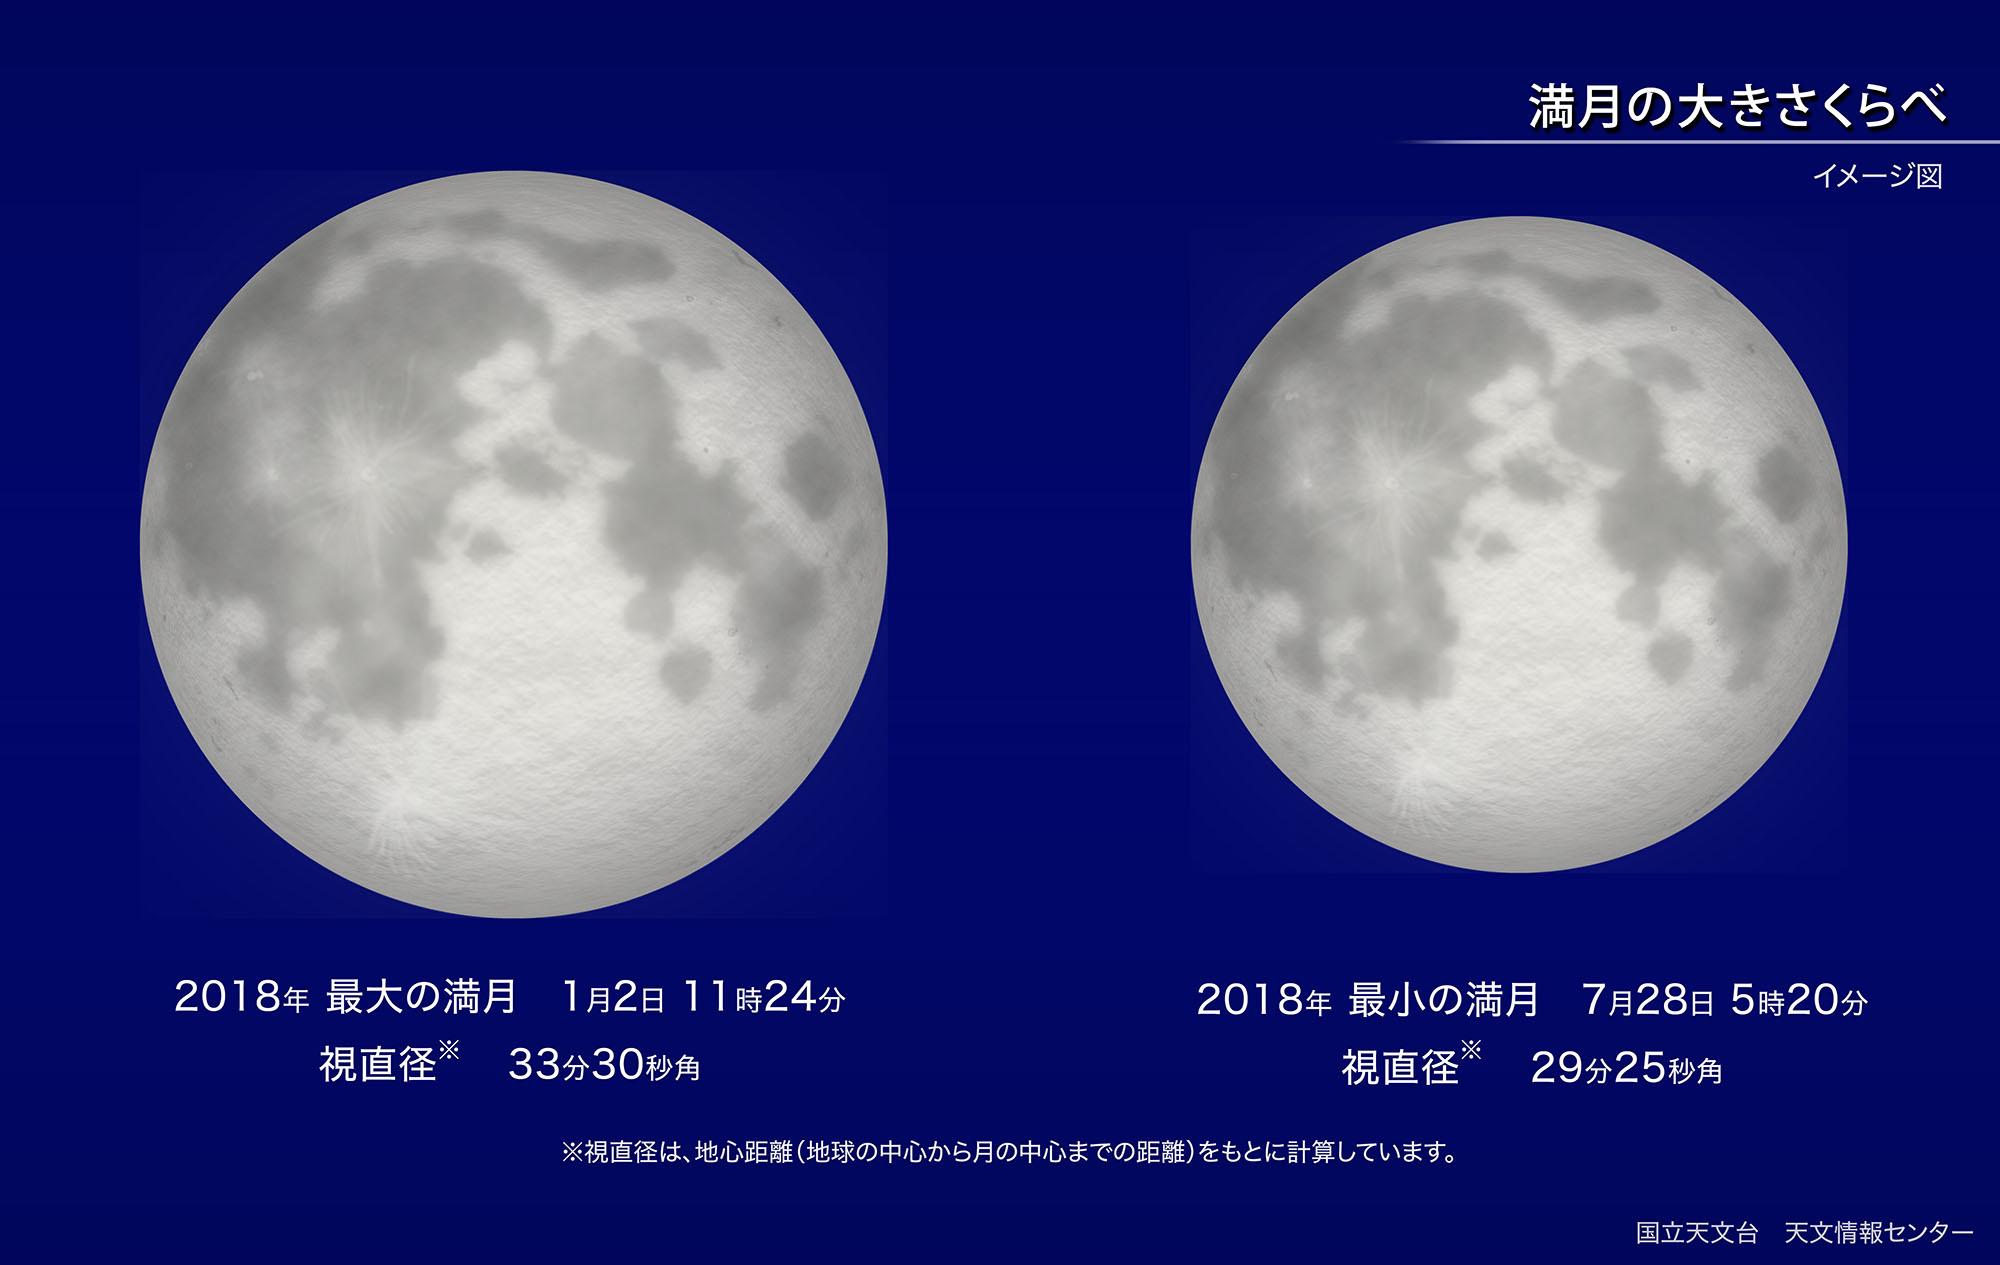 https://www.nao.ac.jp/contents/astro/sky/2018/01/topics02-2-m.jpg